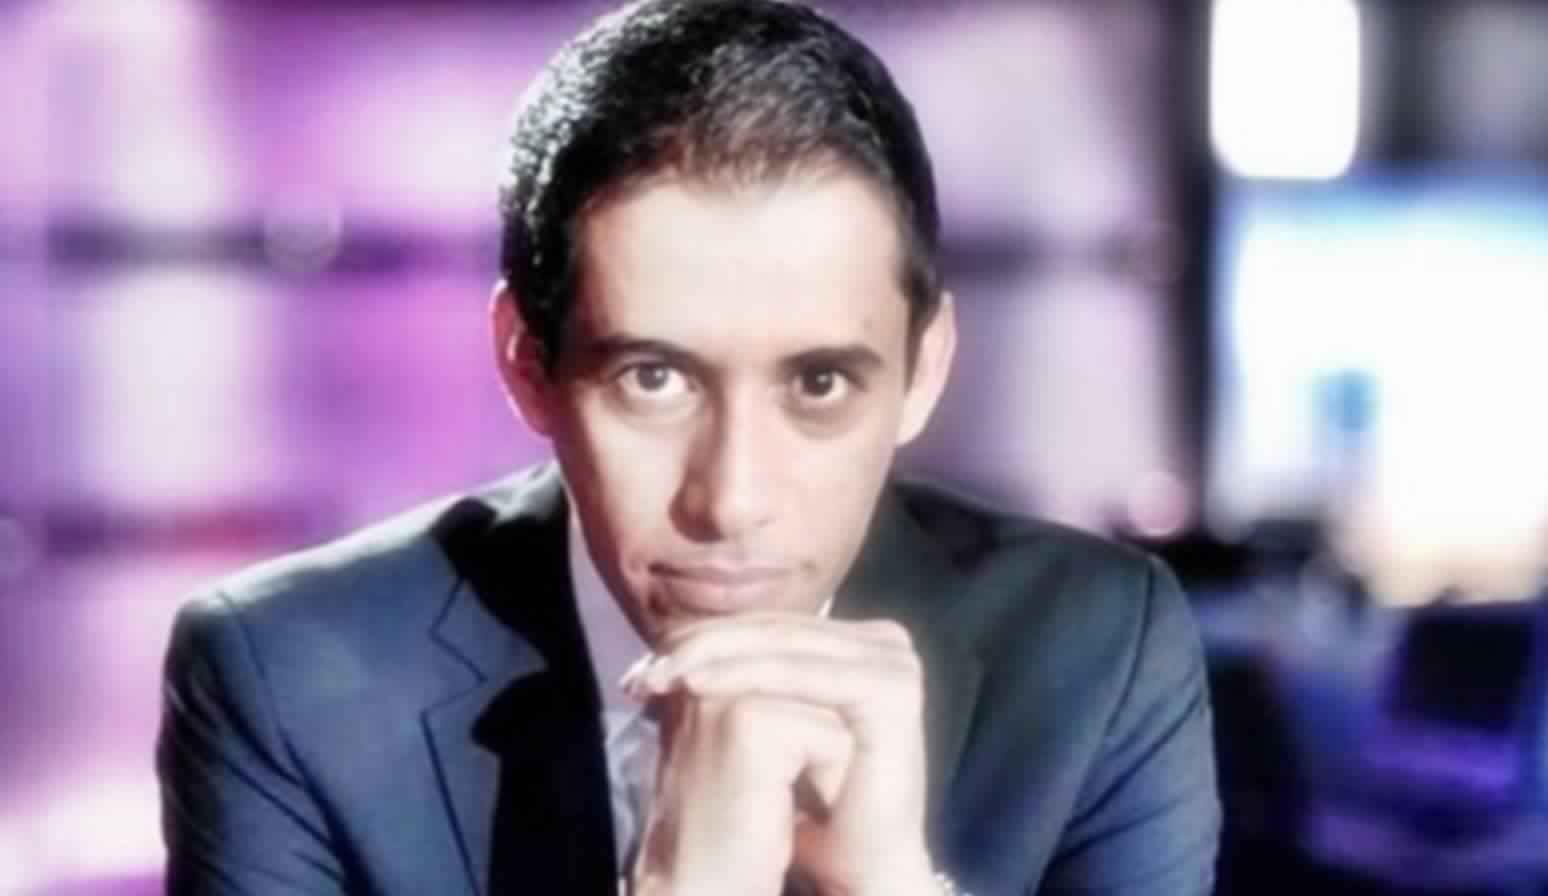 تغريدة بتال القوس عن اسوأ لاعب في الكلاسيكو السعودي تشعل تويتر..ومغرد يعلق: لا يستحق الاحترام!